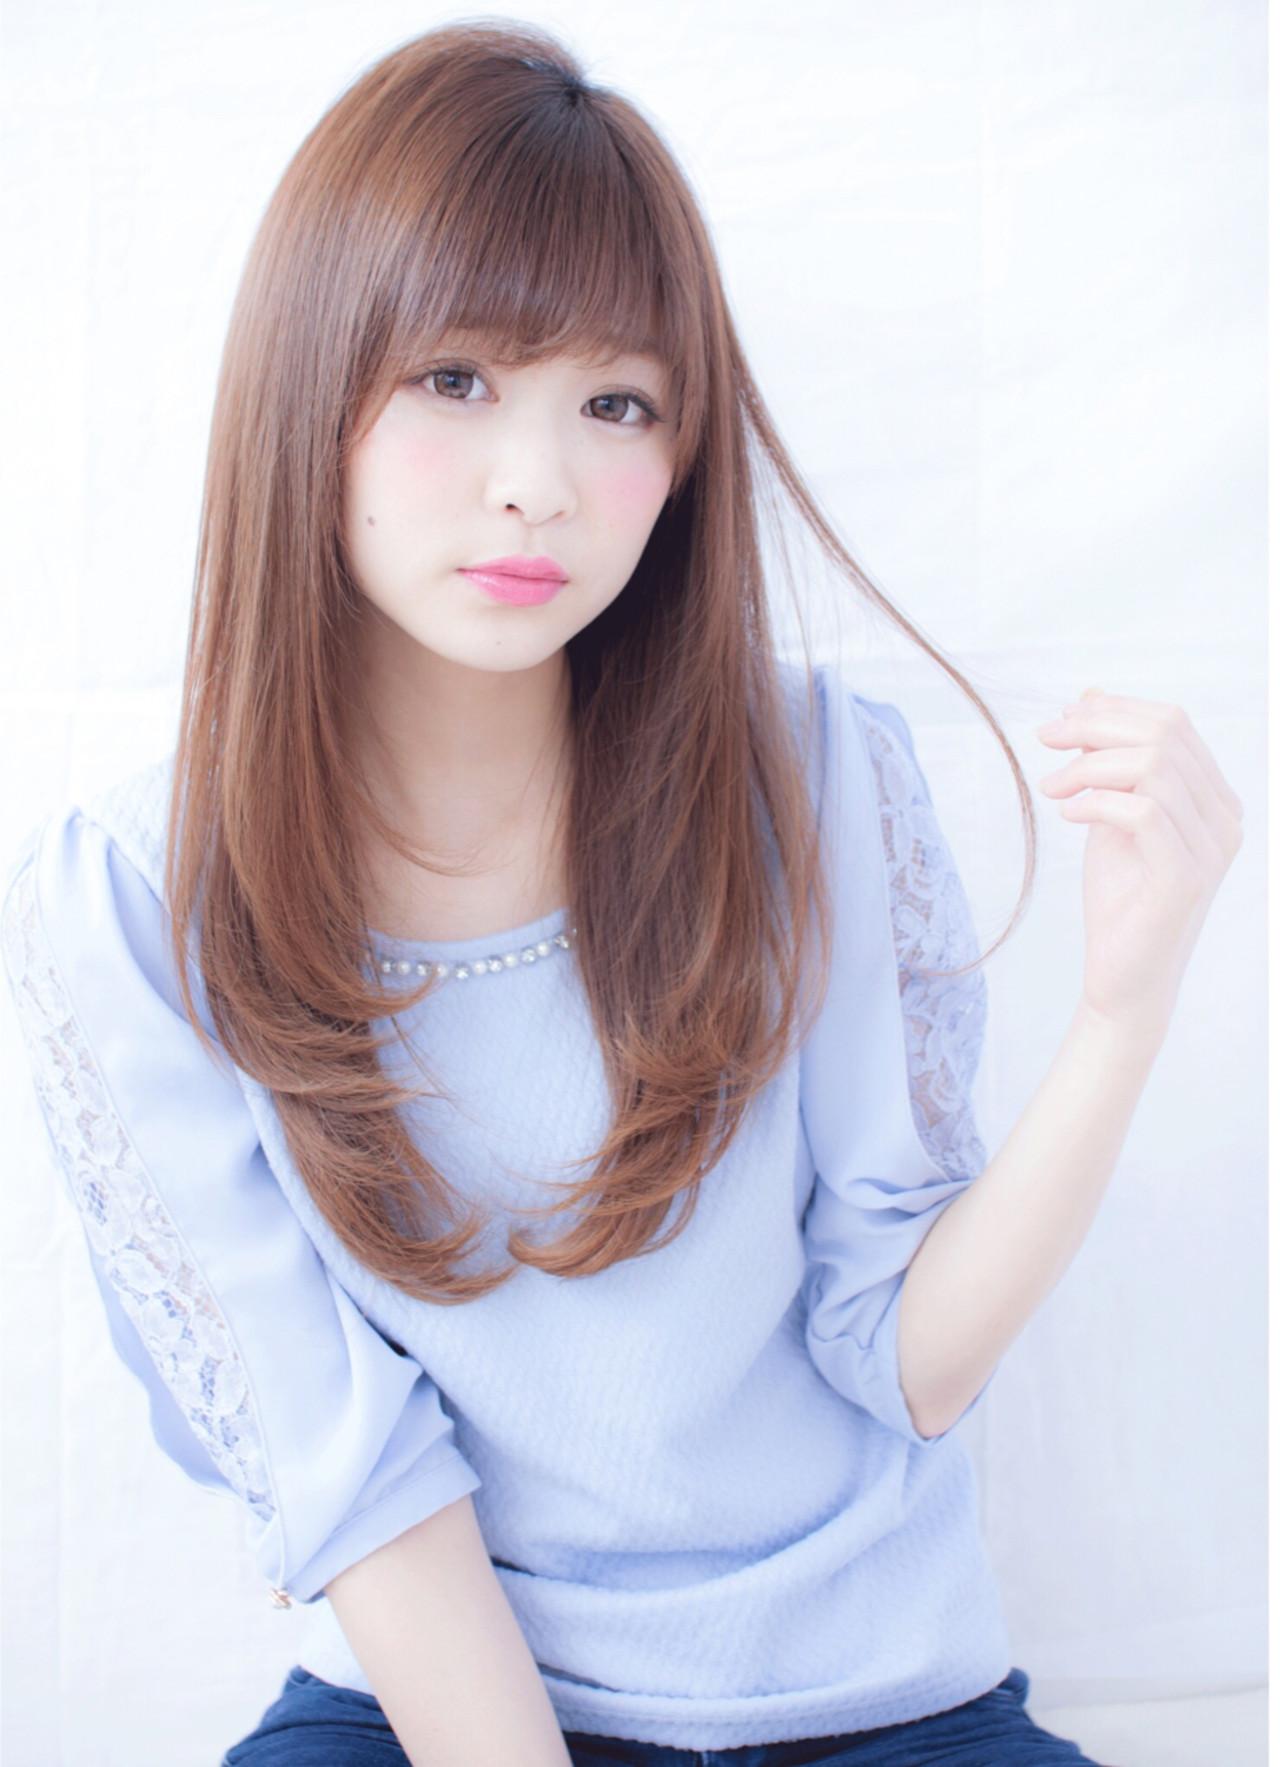 縮毛矯正とカラーは一緒にできるの?もっと詳しく知りたいヘアケア事情 玉井 浩太